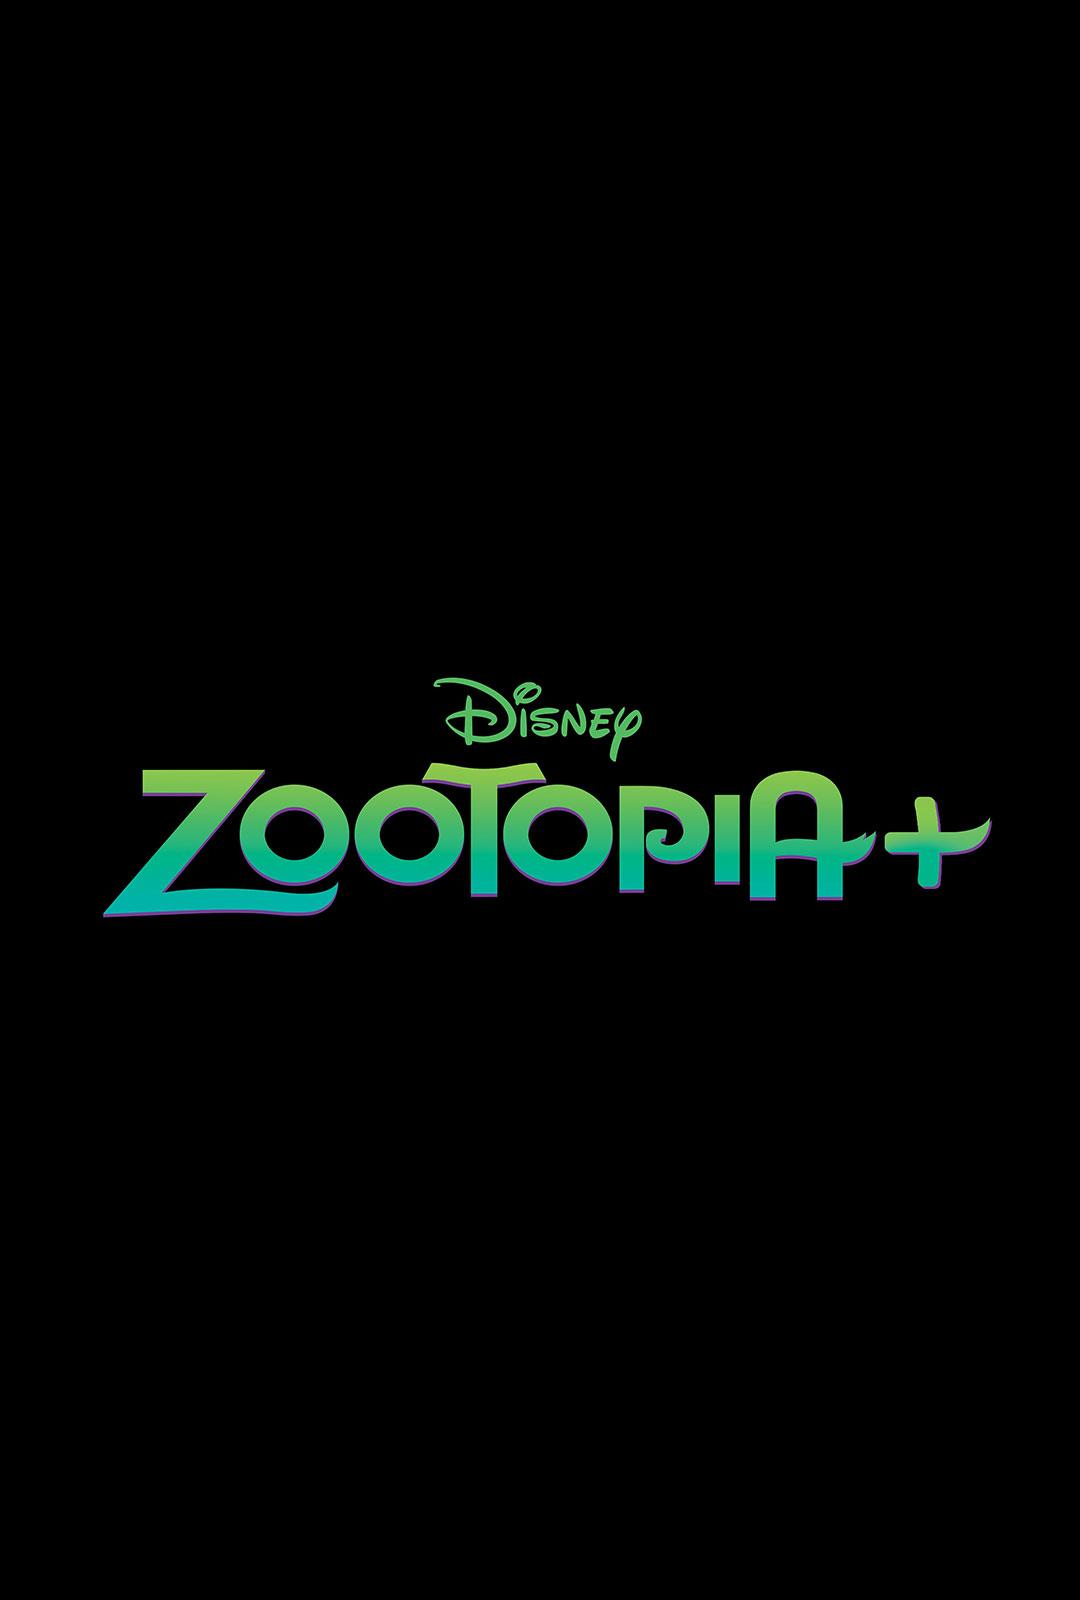 affiche poster zootopia zootopie disney